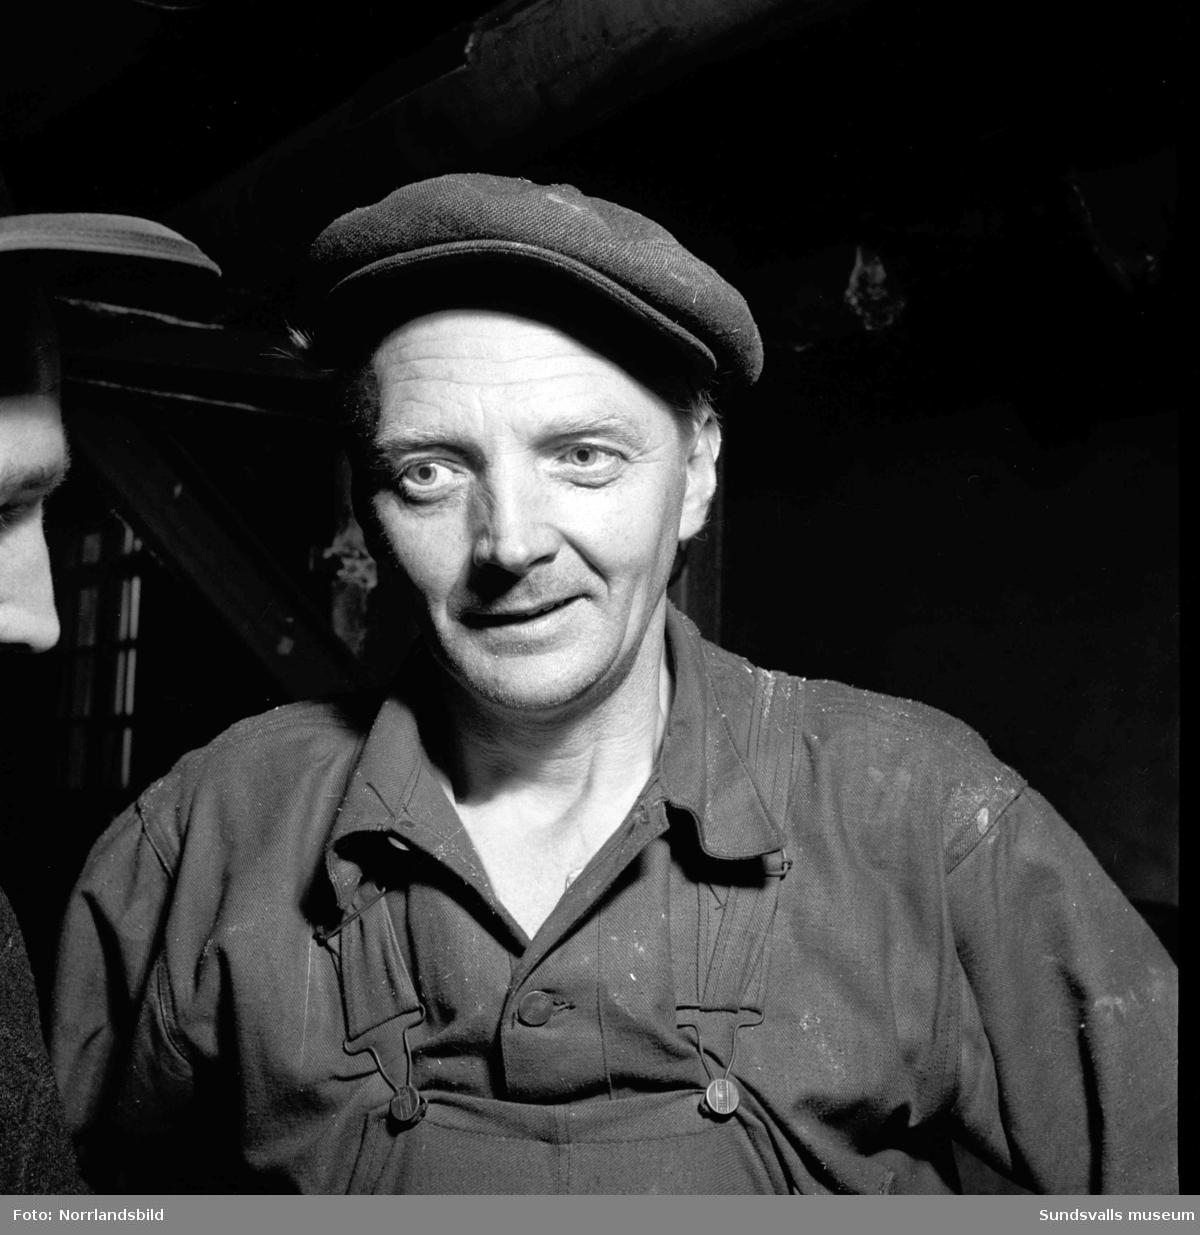 Bilder från verksamheten vid Sunds plåtmanufaktur som bland annat tillverkade rostfria diskbänkar och hoar, samt från papperstillverkningen vid Östrand. Fotograferat för reportage i Expressen.